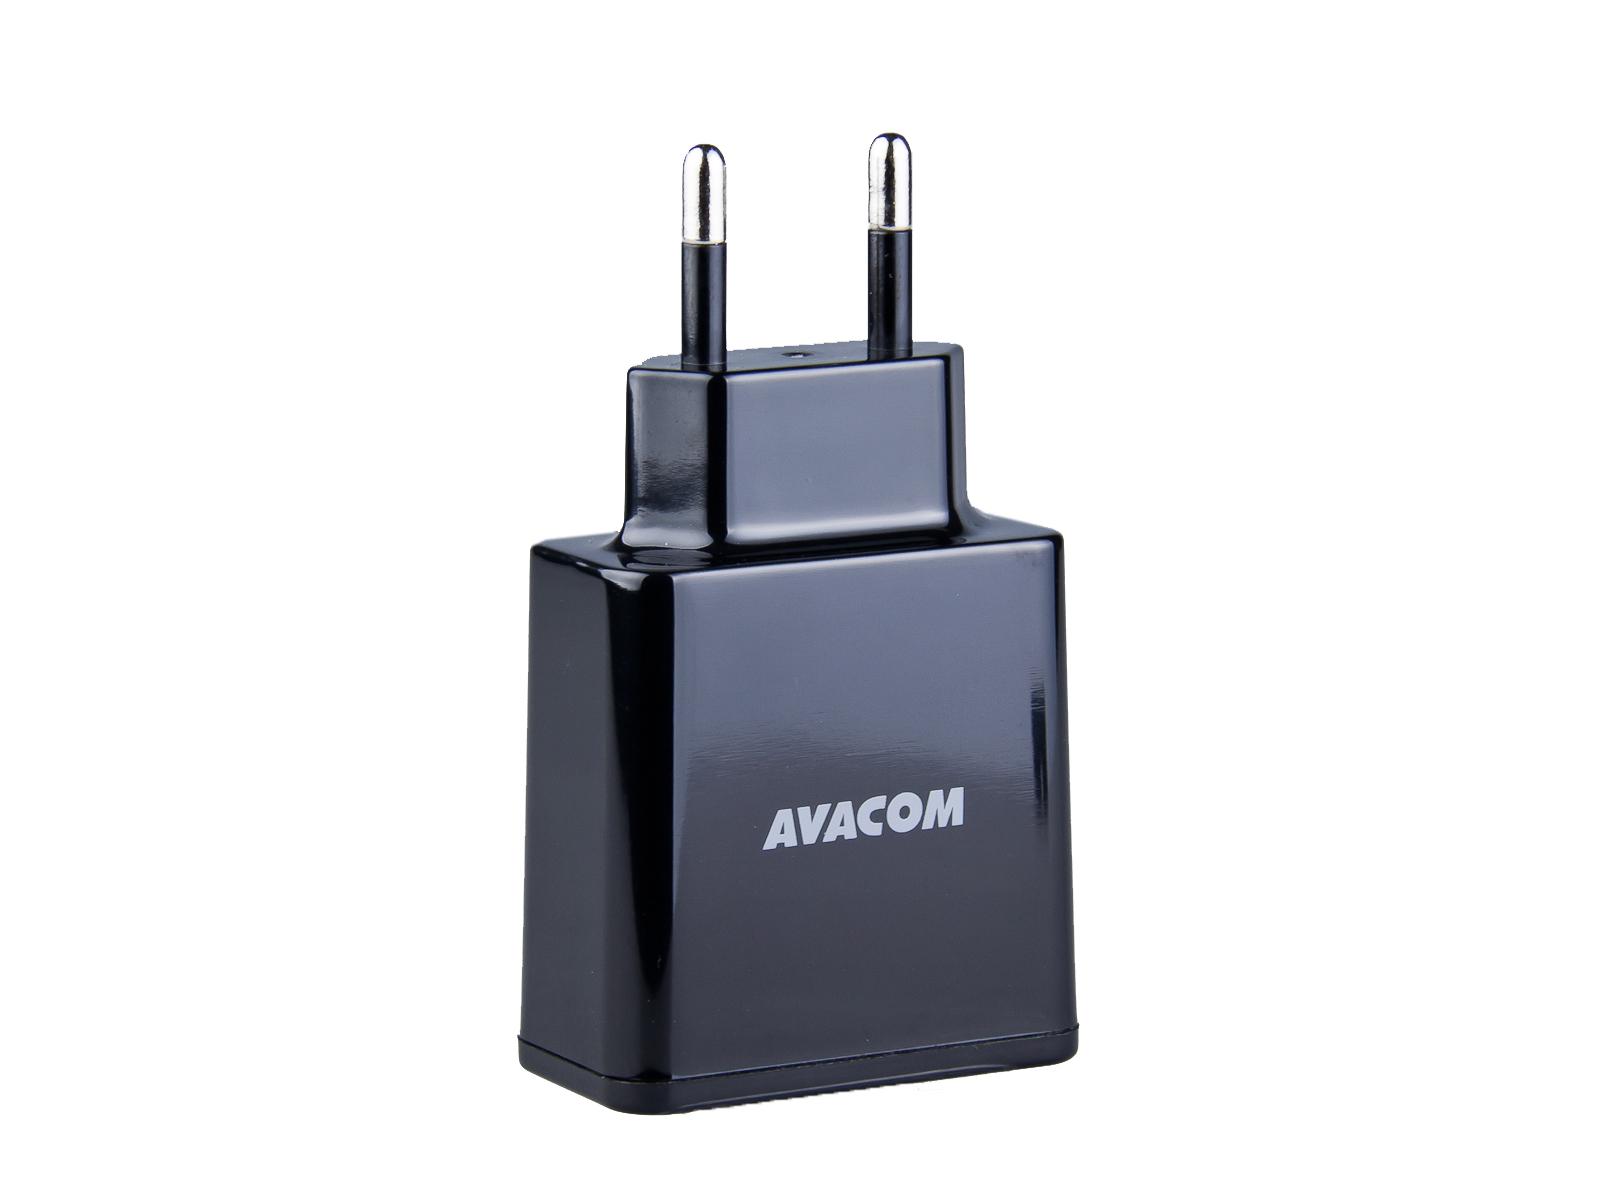 Síťová nabíječka AVACOM NASN-2XKK-34A 3,4A s dvěma výstupy, černá barva